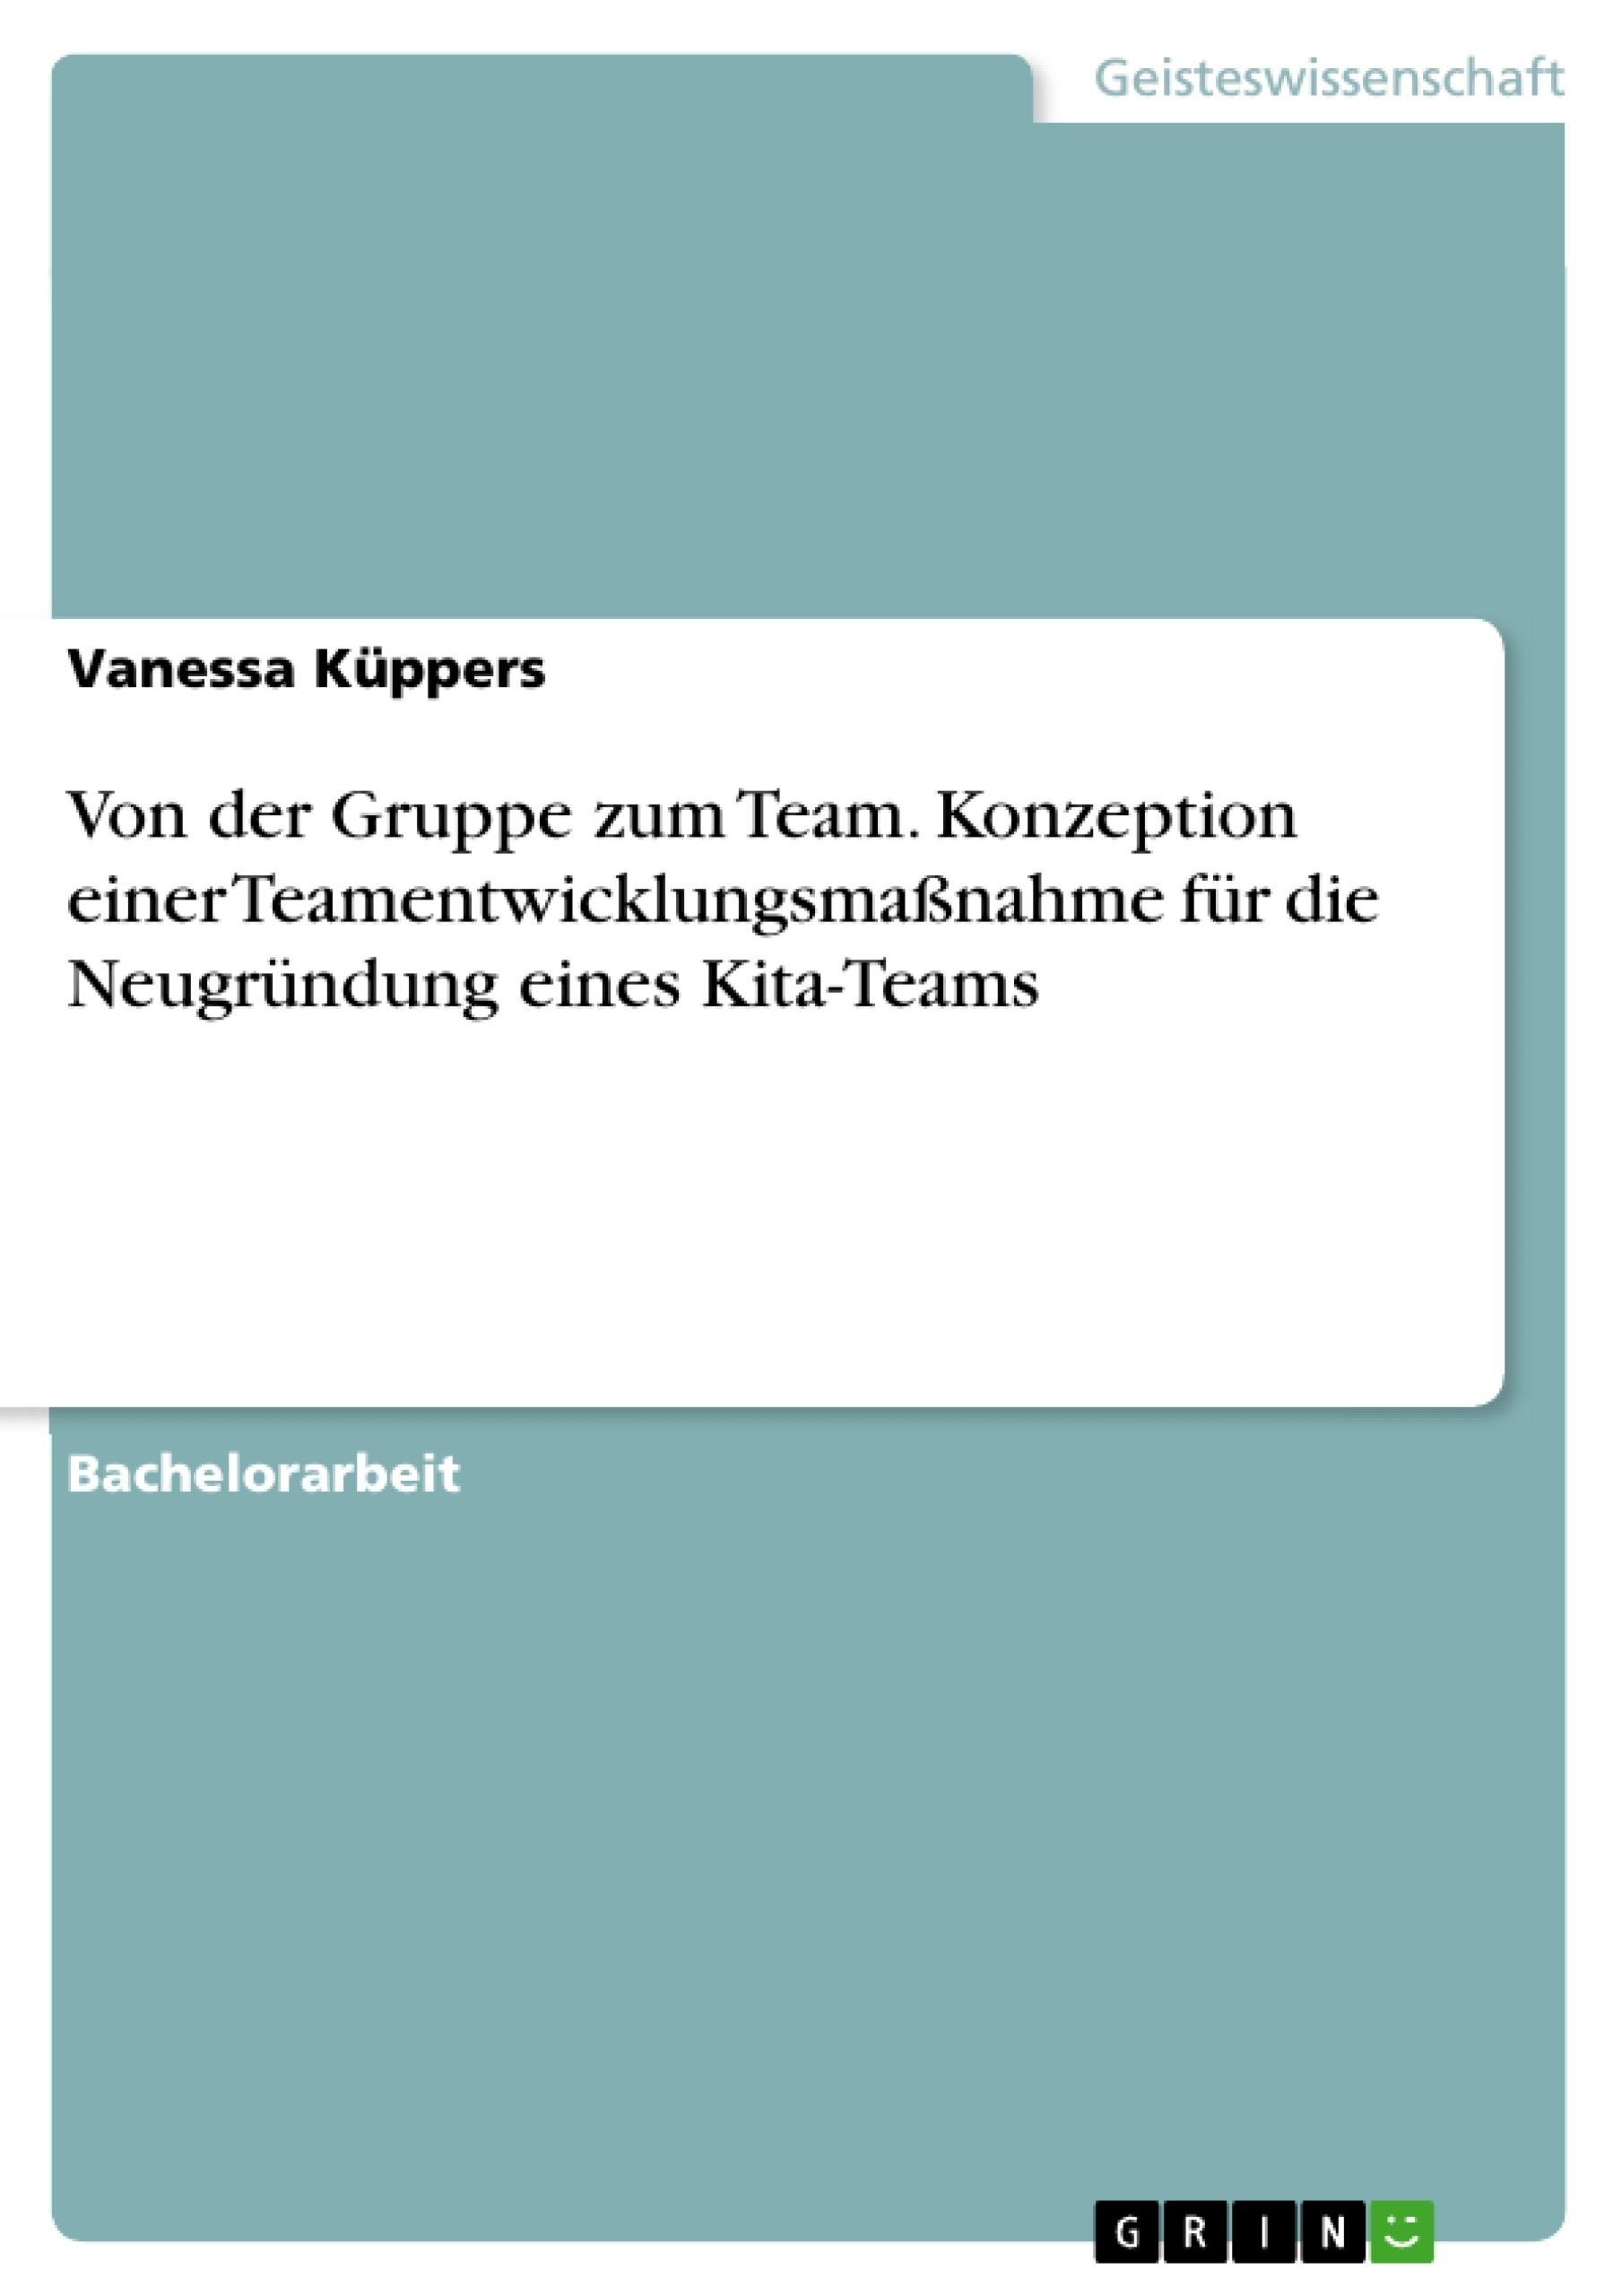 Titel: Von der Gruppe zum Team. Konzeption einer Teamentwicklungsmaßnahme für die Neugründung eines Kita-Teams